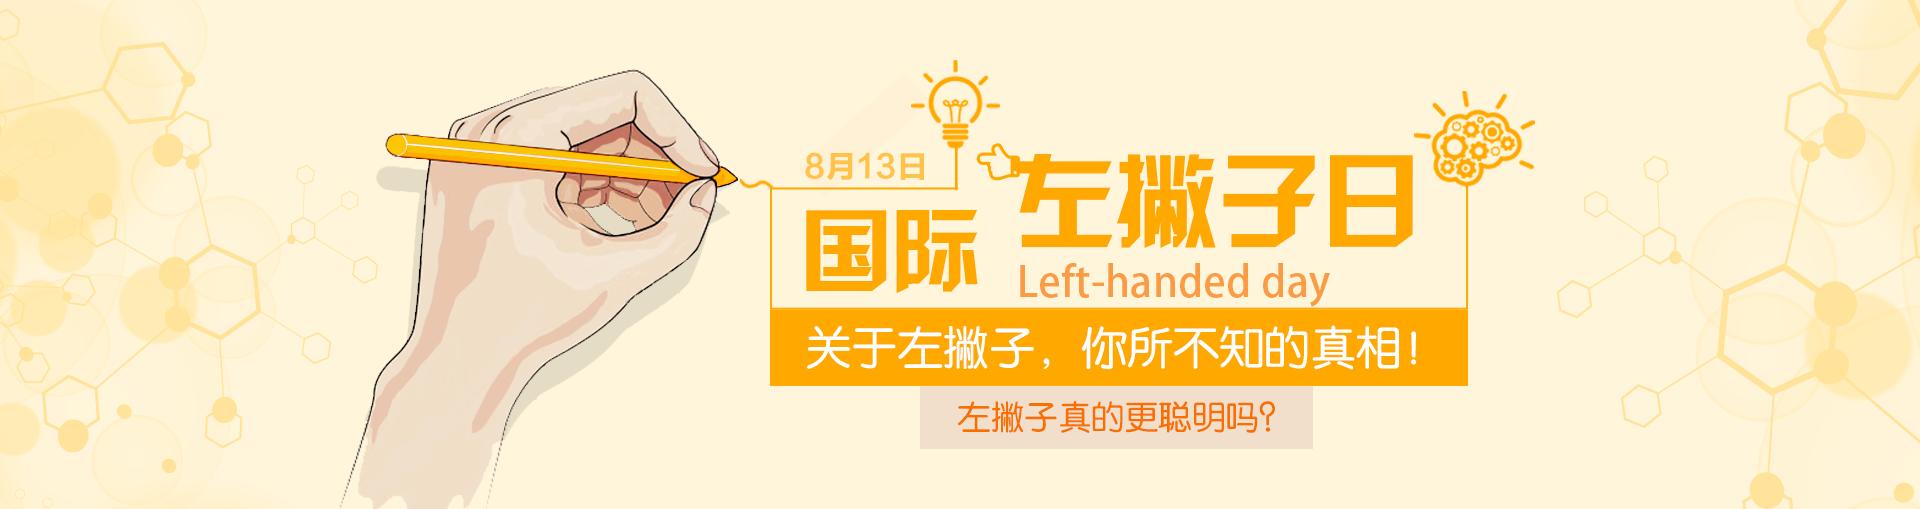 国际左撇子日是哪一天 左撇子真的更聪明吗 国际左撇子